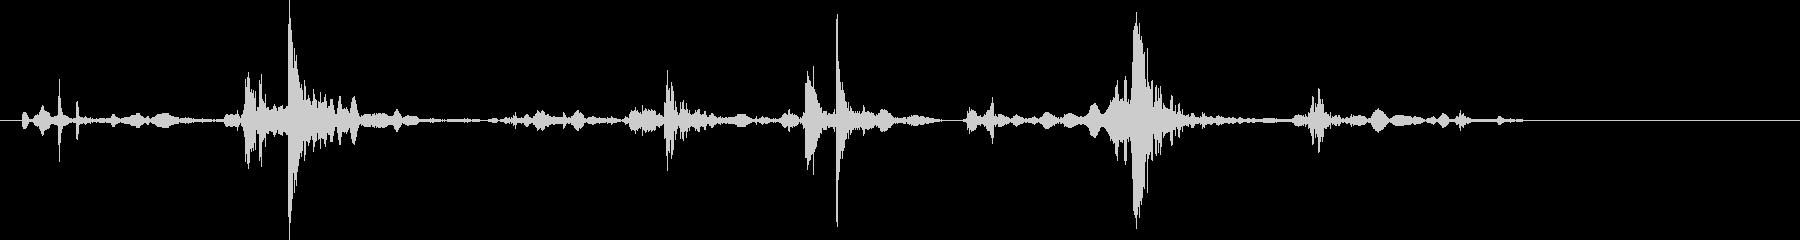 ケースやカバンを閉める効果音 04の未再生の波形